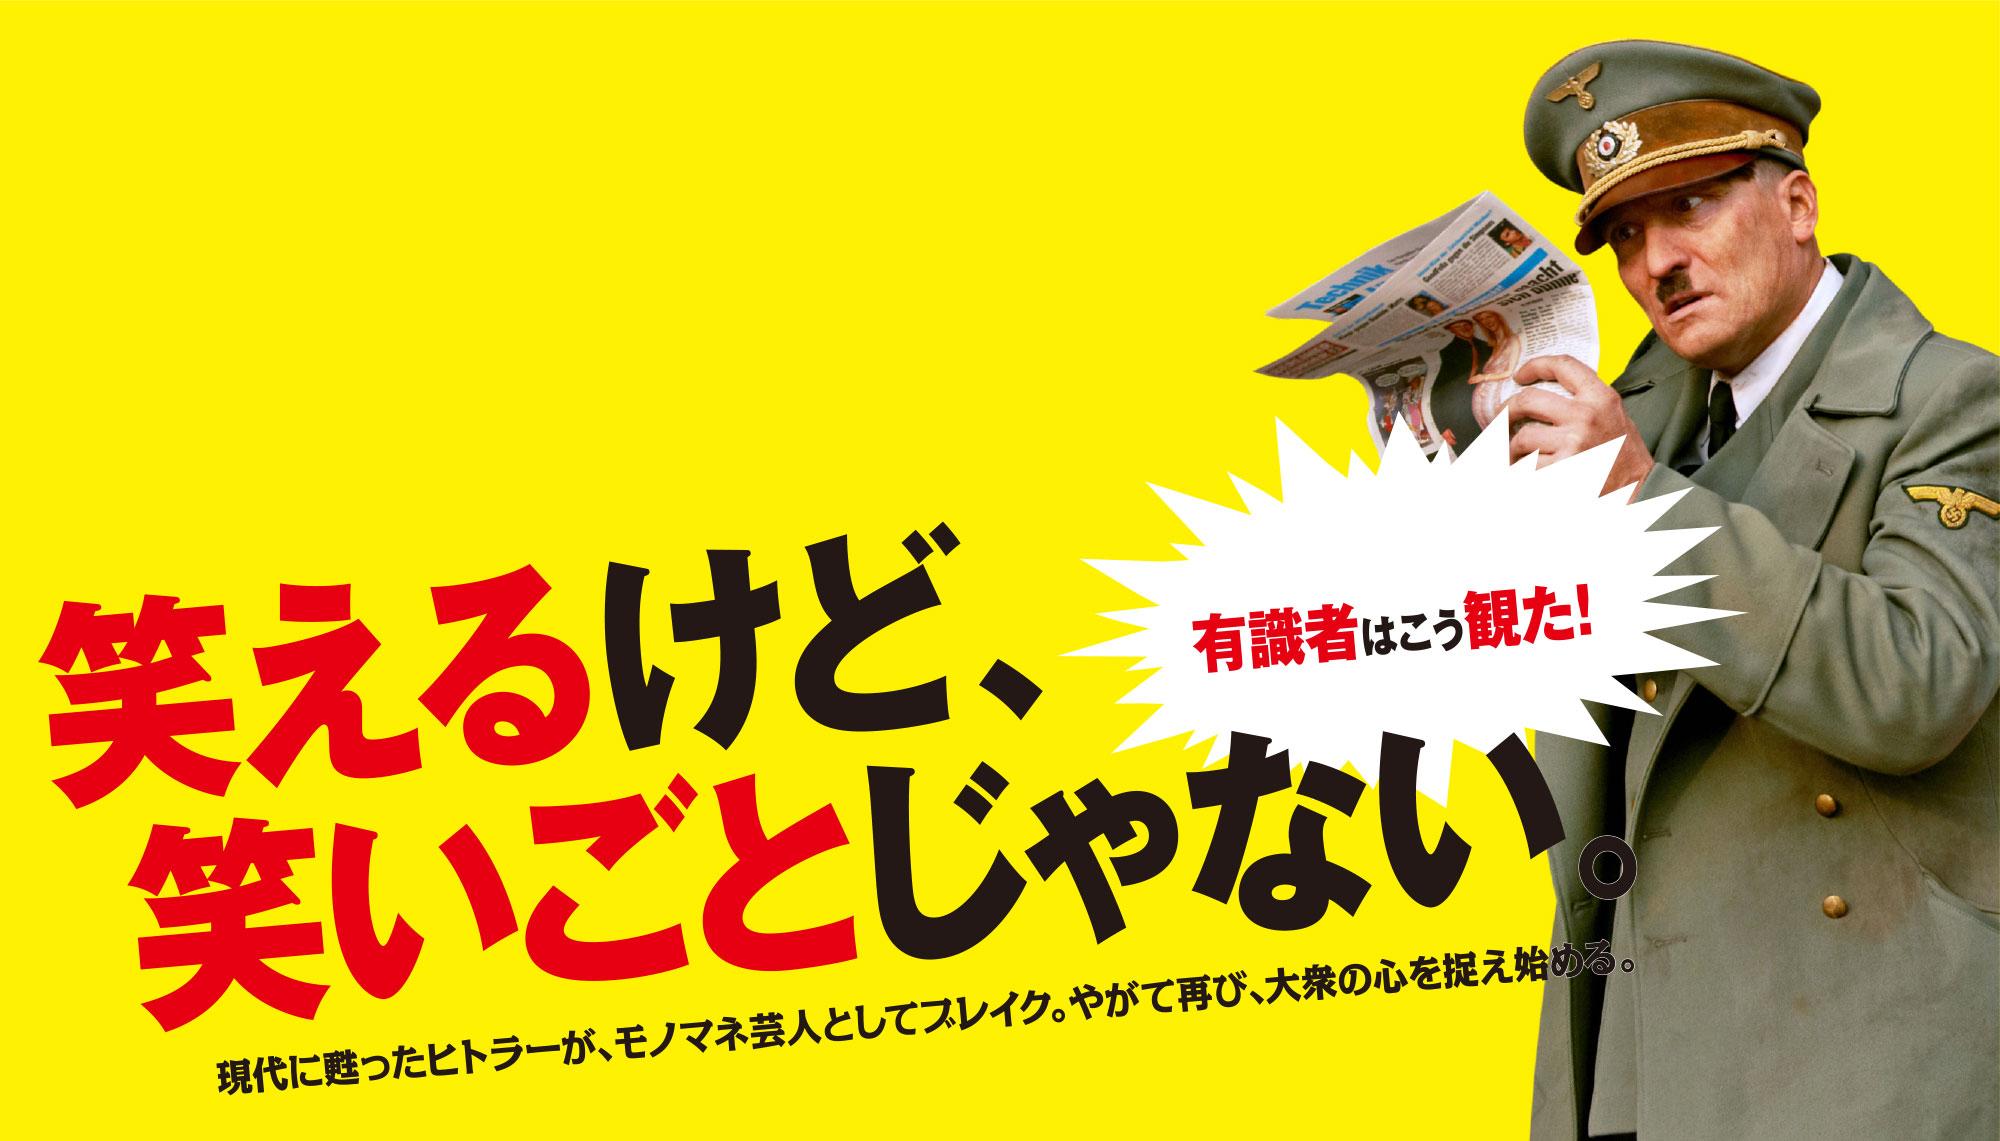 http://gaga.ne.jp/hitlerisback/comment/img/header_img.jpg